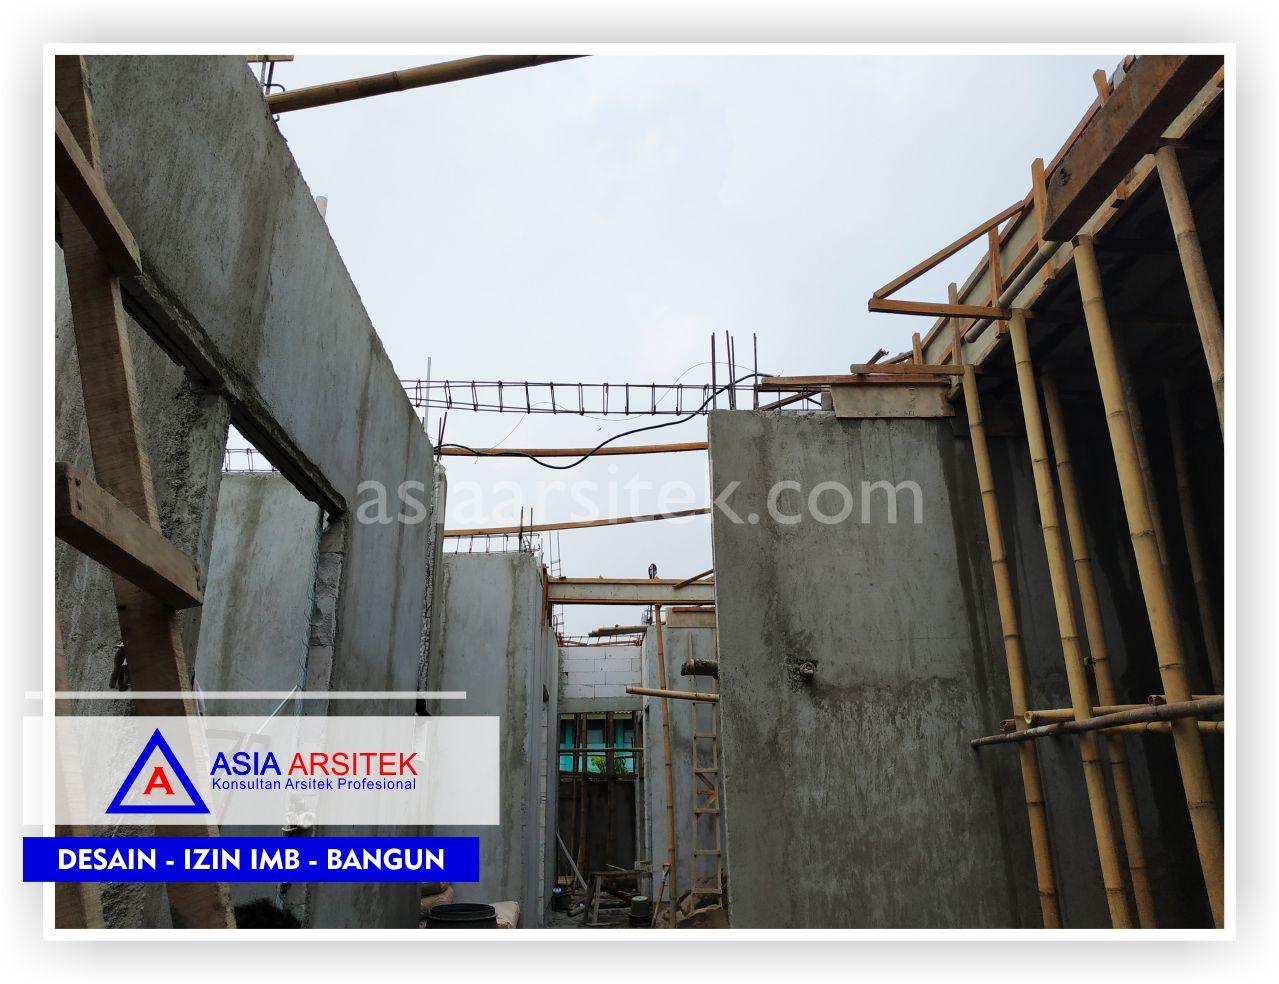 Struktur Balok 2 Rumah Minimalis Bu Alfi Di Jakarta-Bogor-Tangerang-Bekasi-Bandung-Jasa Konsultan Desain Arsitek Profesional - Desain Rumah Mewah - Arsitek Gambar Desain Rumah Klasik Mewah 4